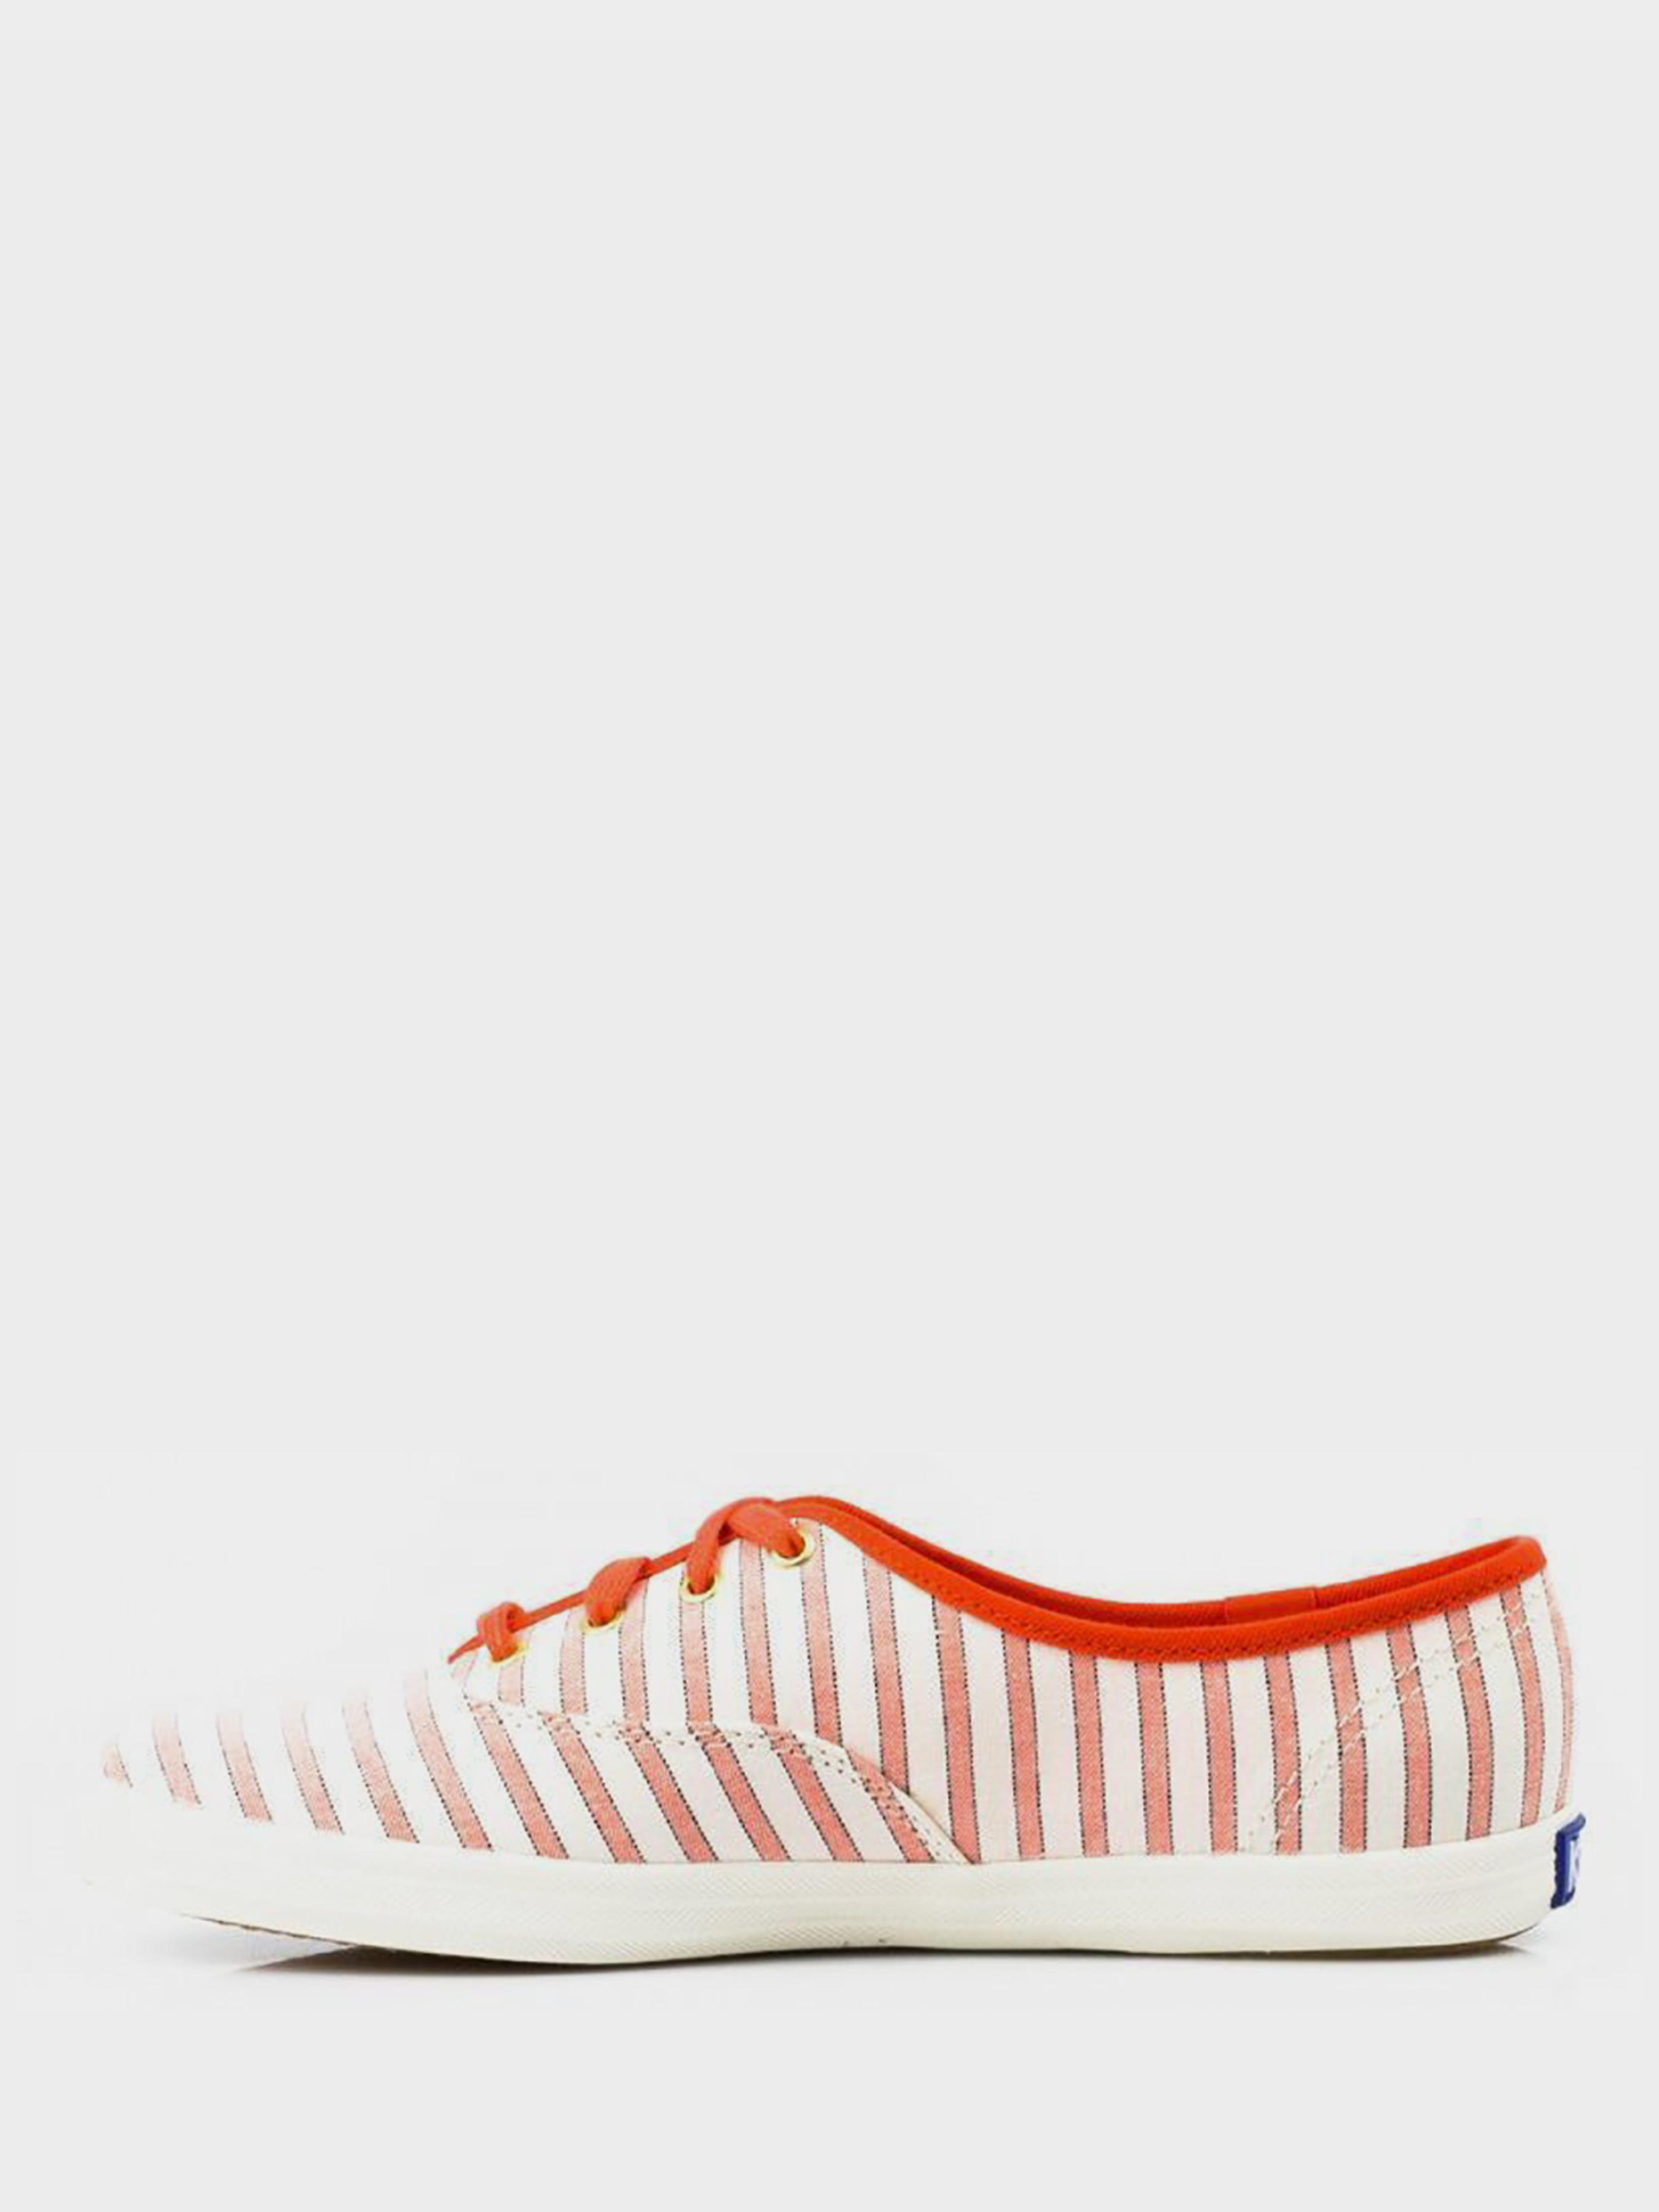 Кеды женские KEDS CH CABANA STRIPE KD222 брендовая обувь, 2017